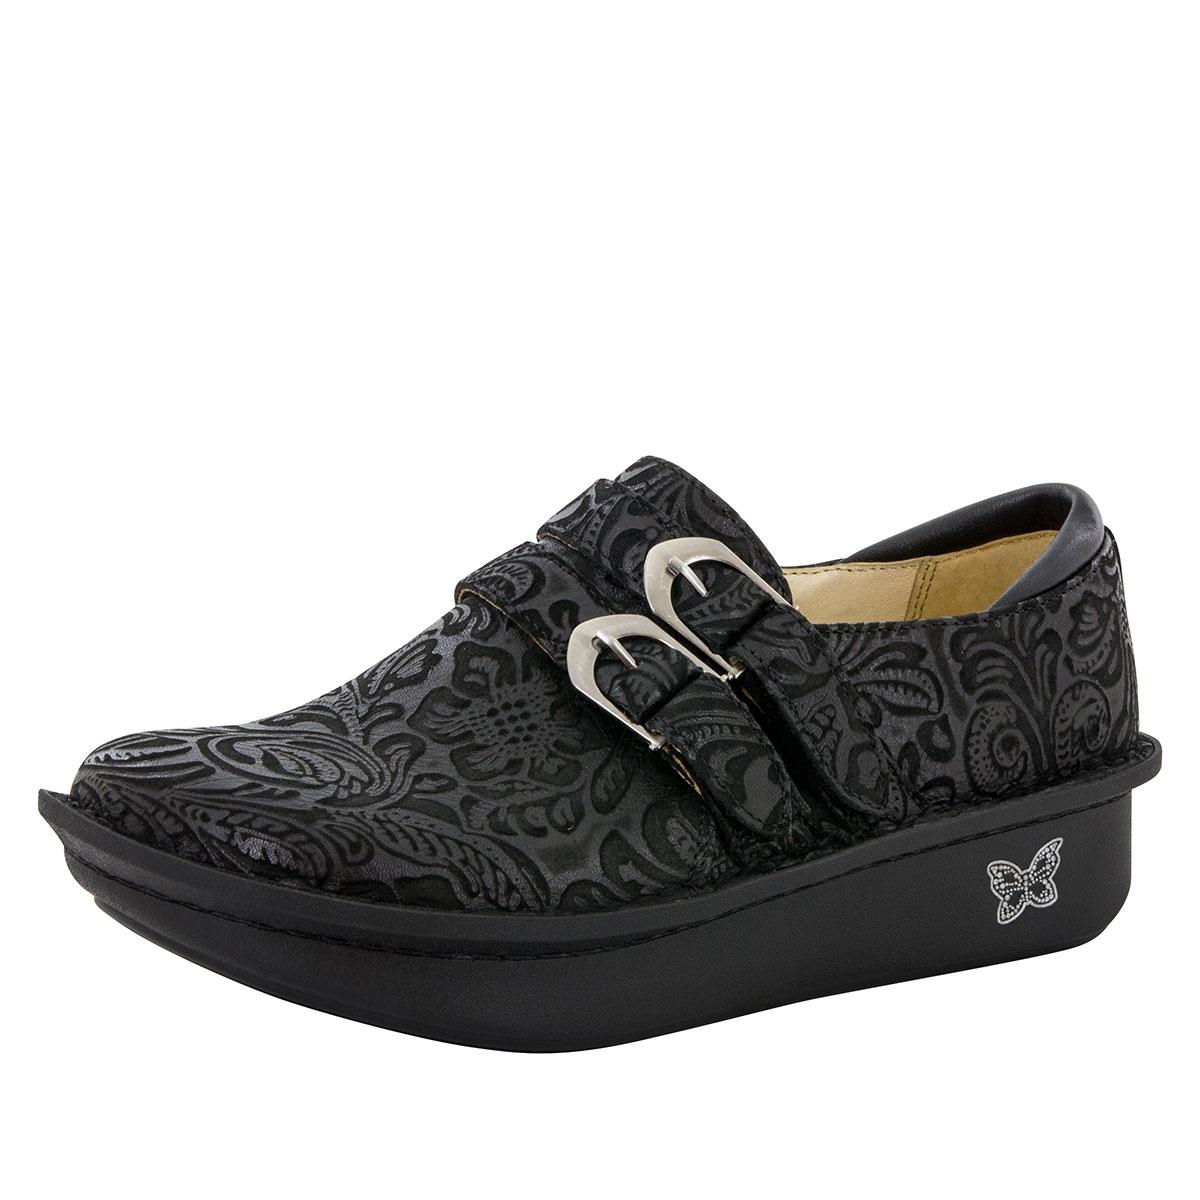 Alegria Alli Black Embossed Paisley slip resistant loafer for women